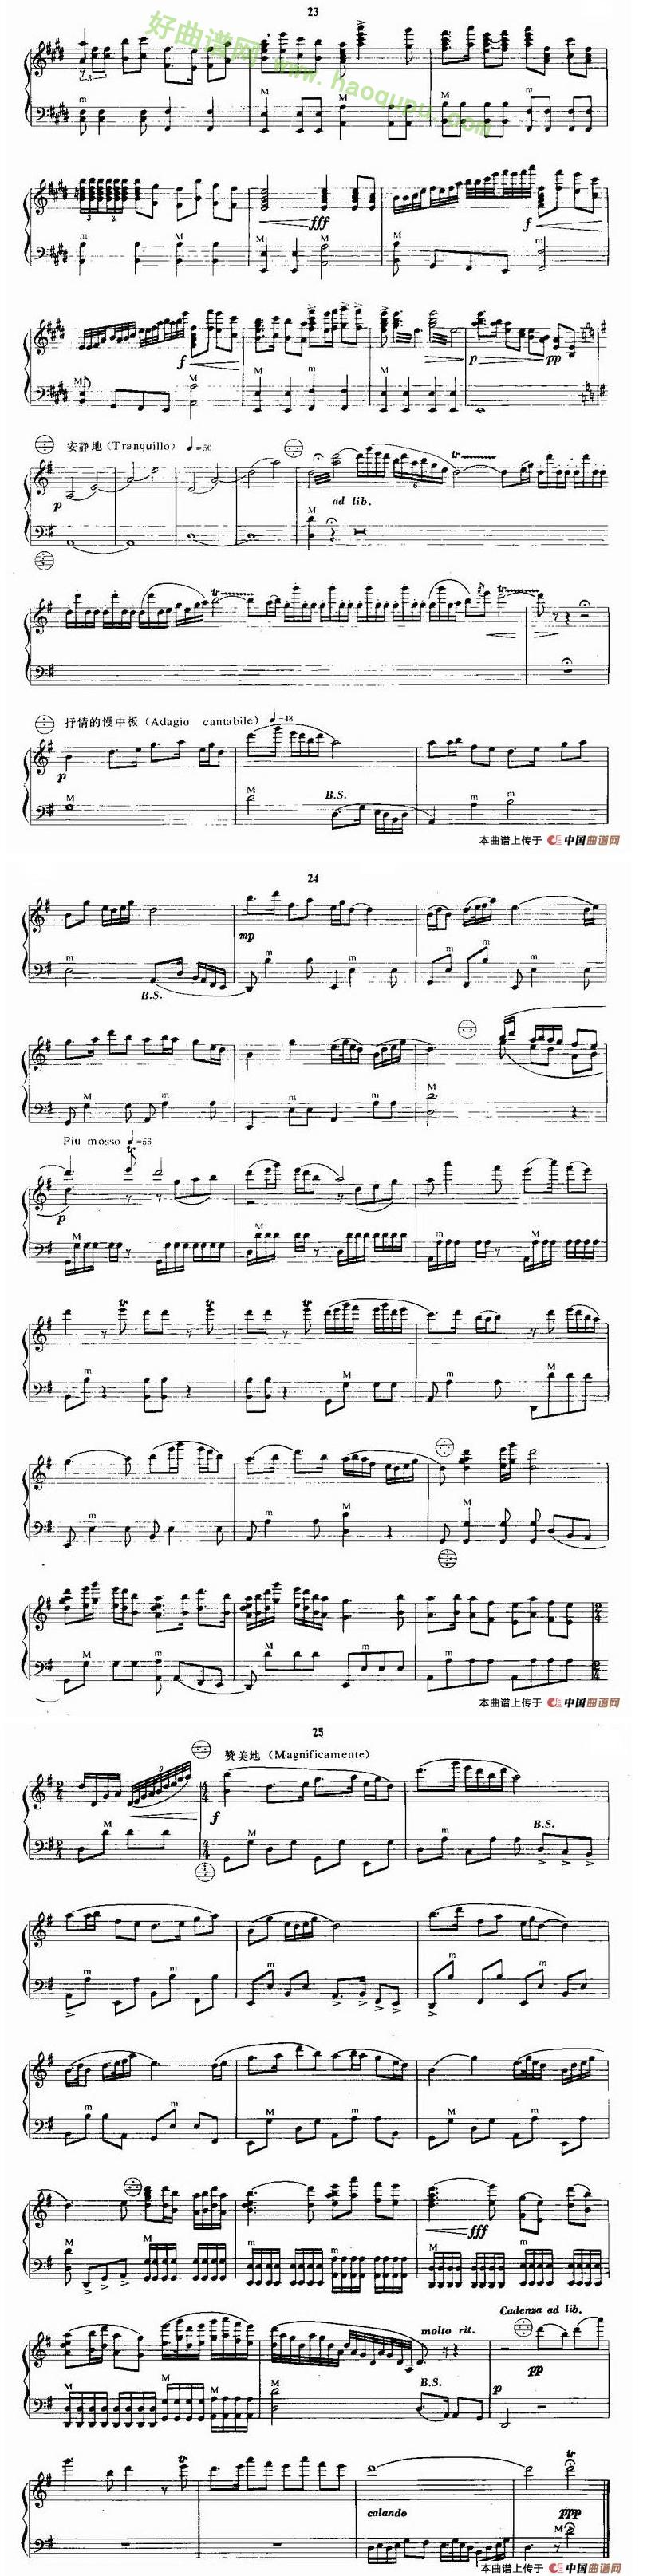 《梁山伯与祝英台》 手风琴曲谱第8张